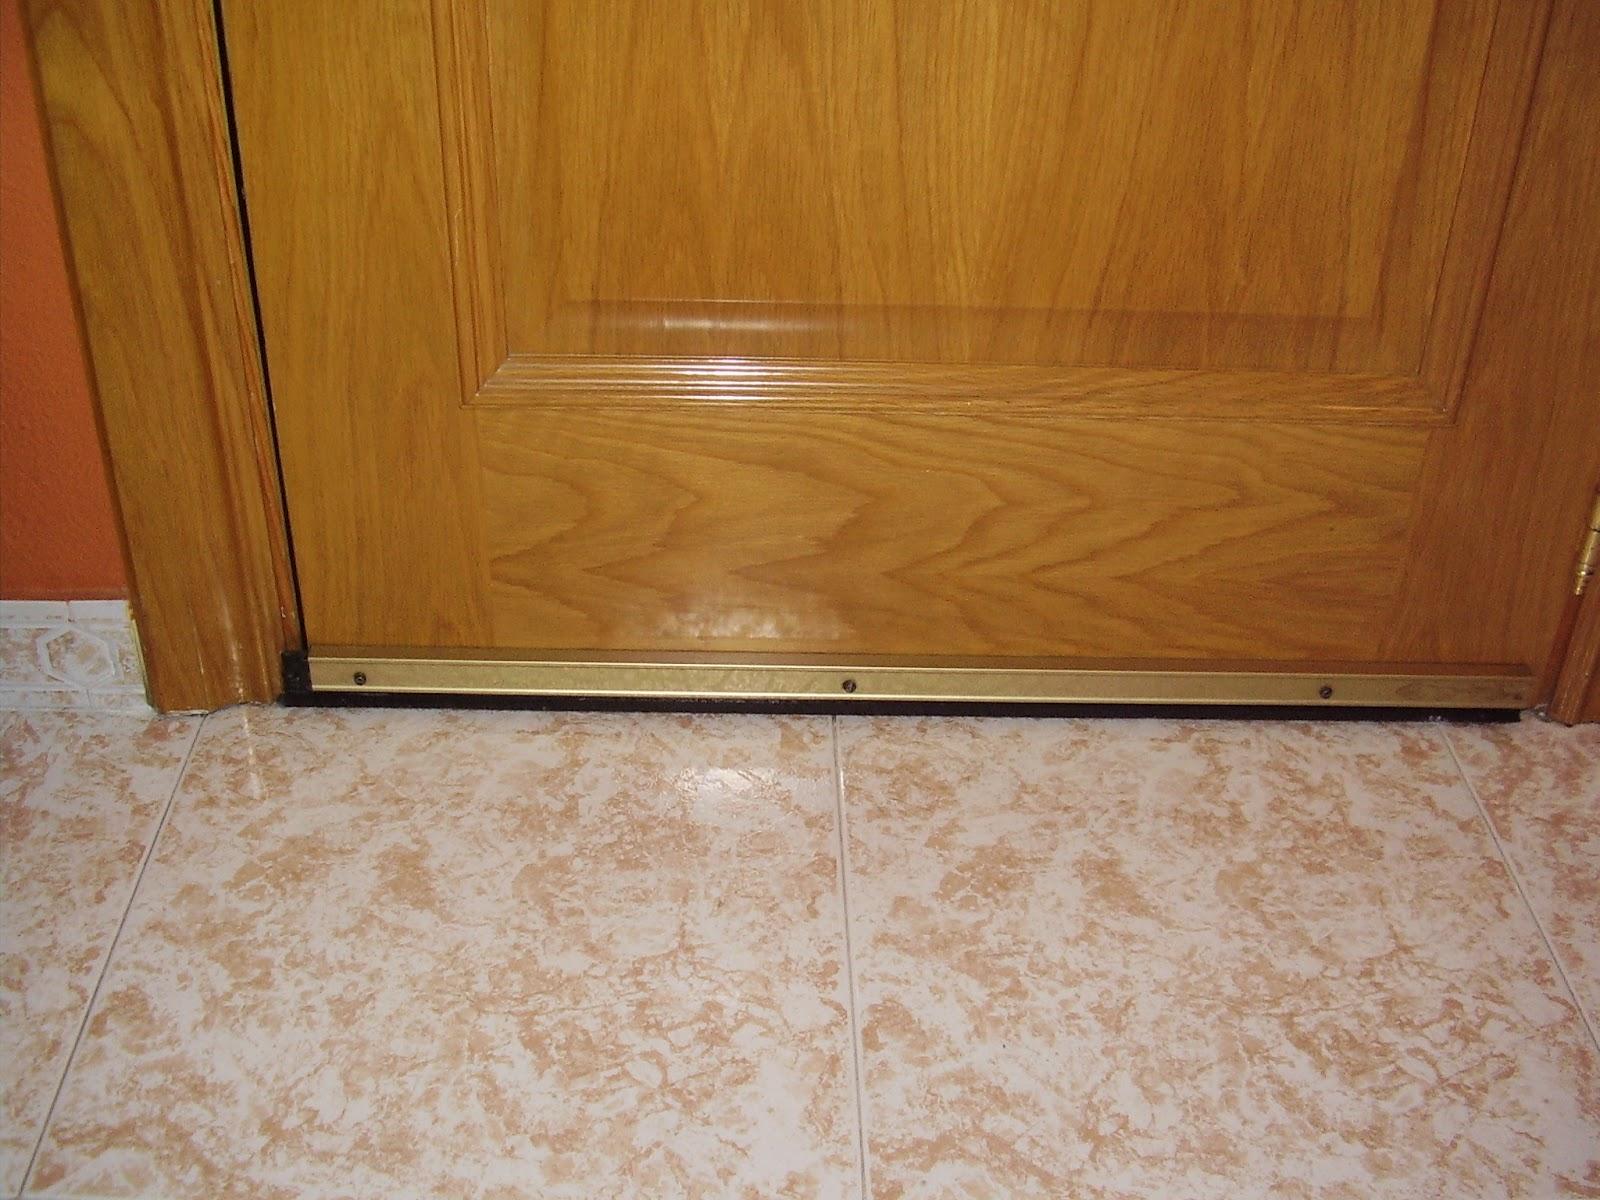 Pedro all works protege tu casa del aire y la suciedad - Burlete para puertas ...